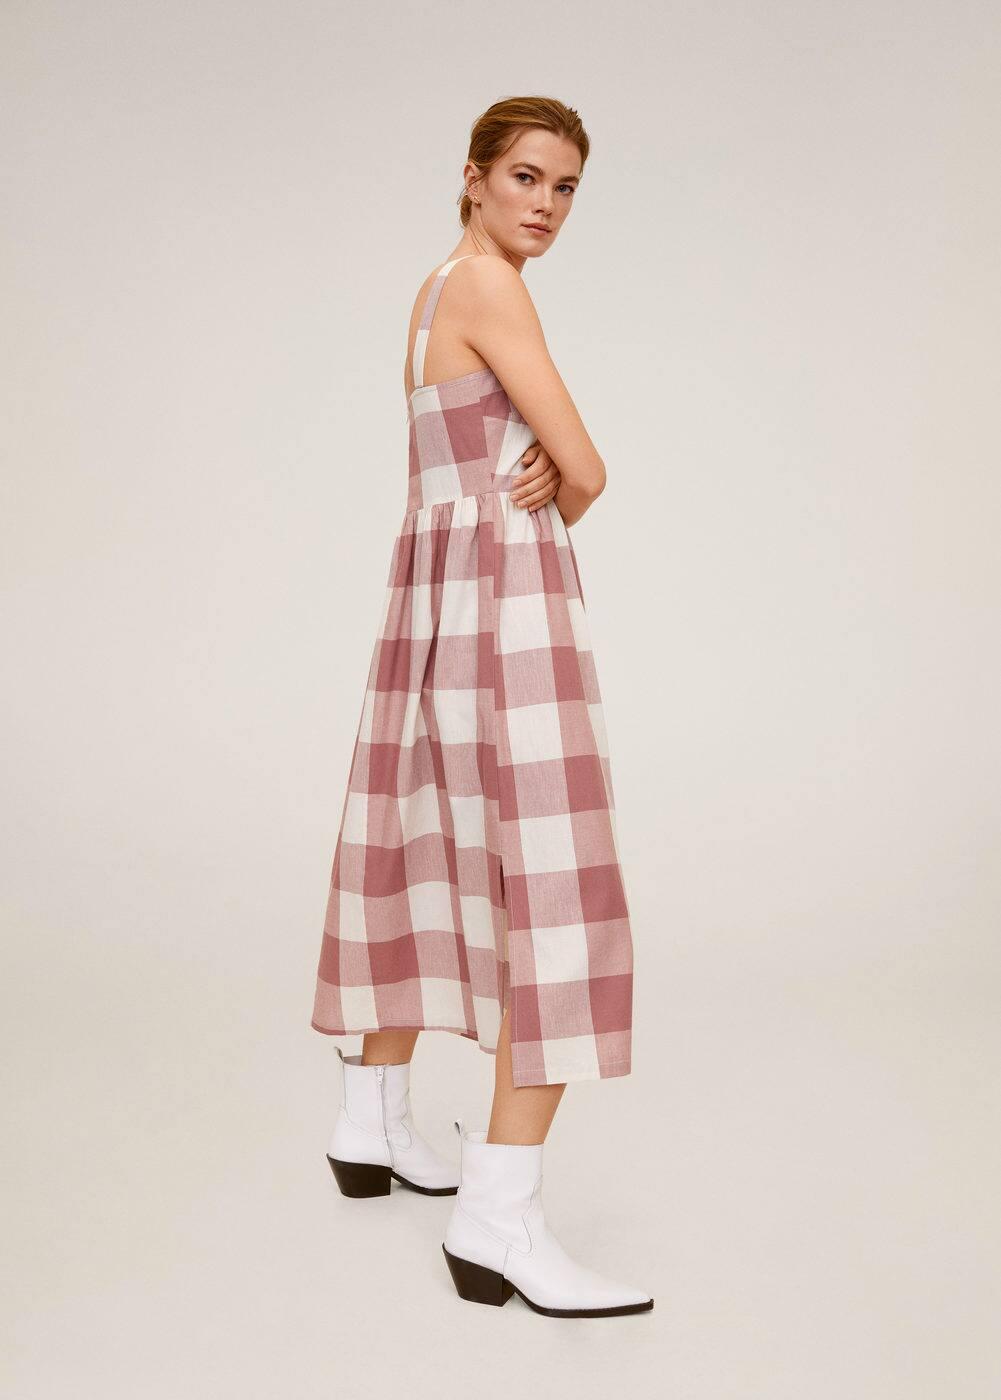 Миди-платье в клетку -  Женская | Mango МАНГО Россия (Российская Федерация)